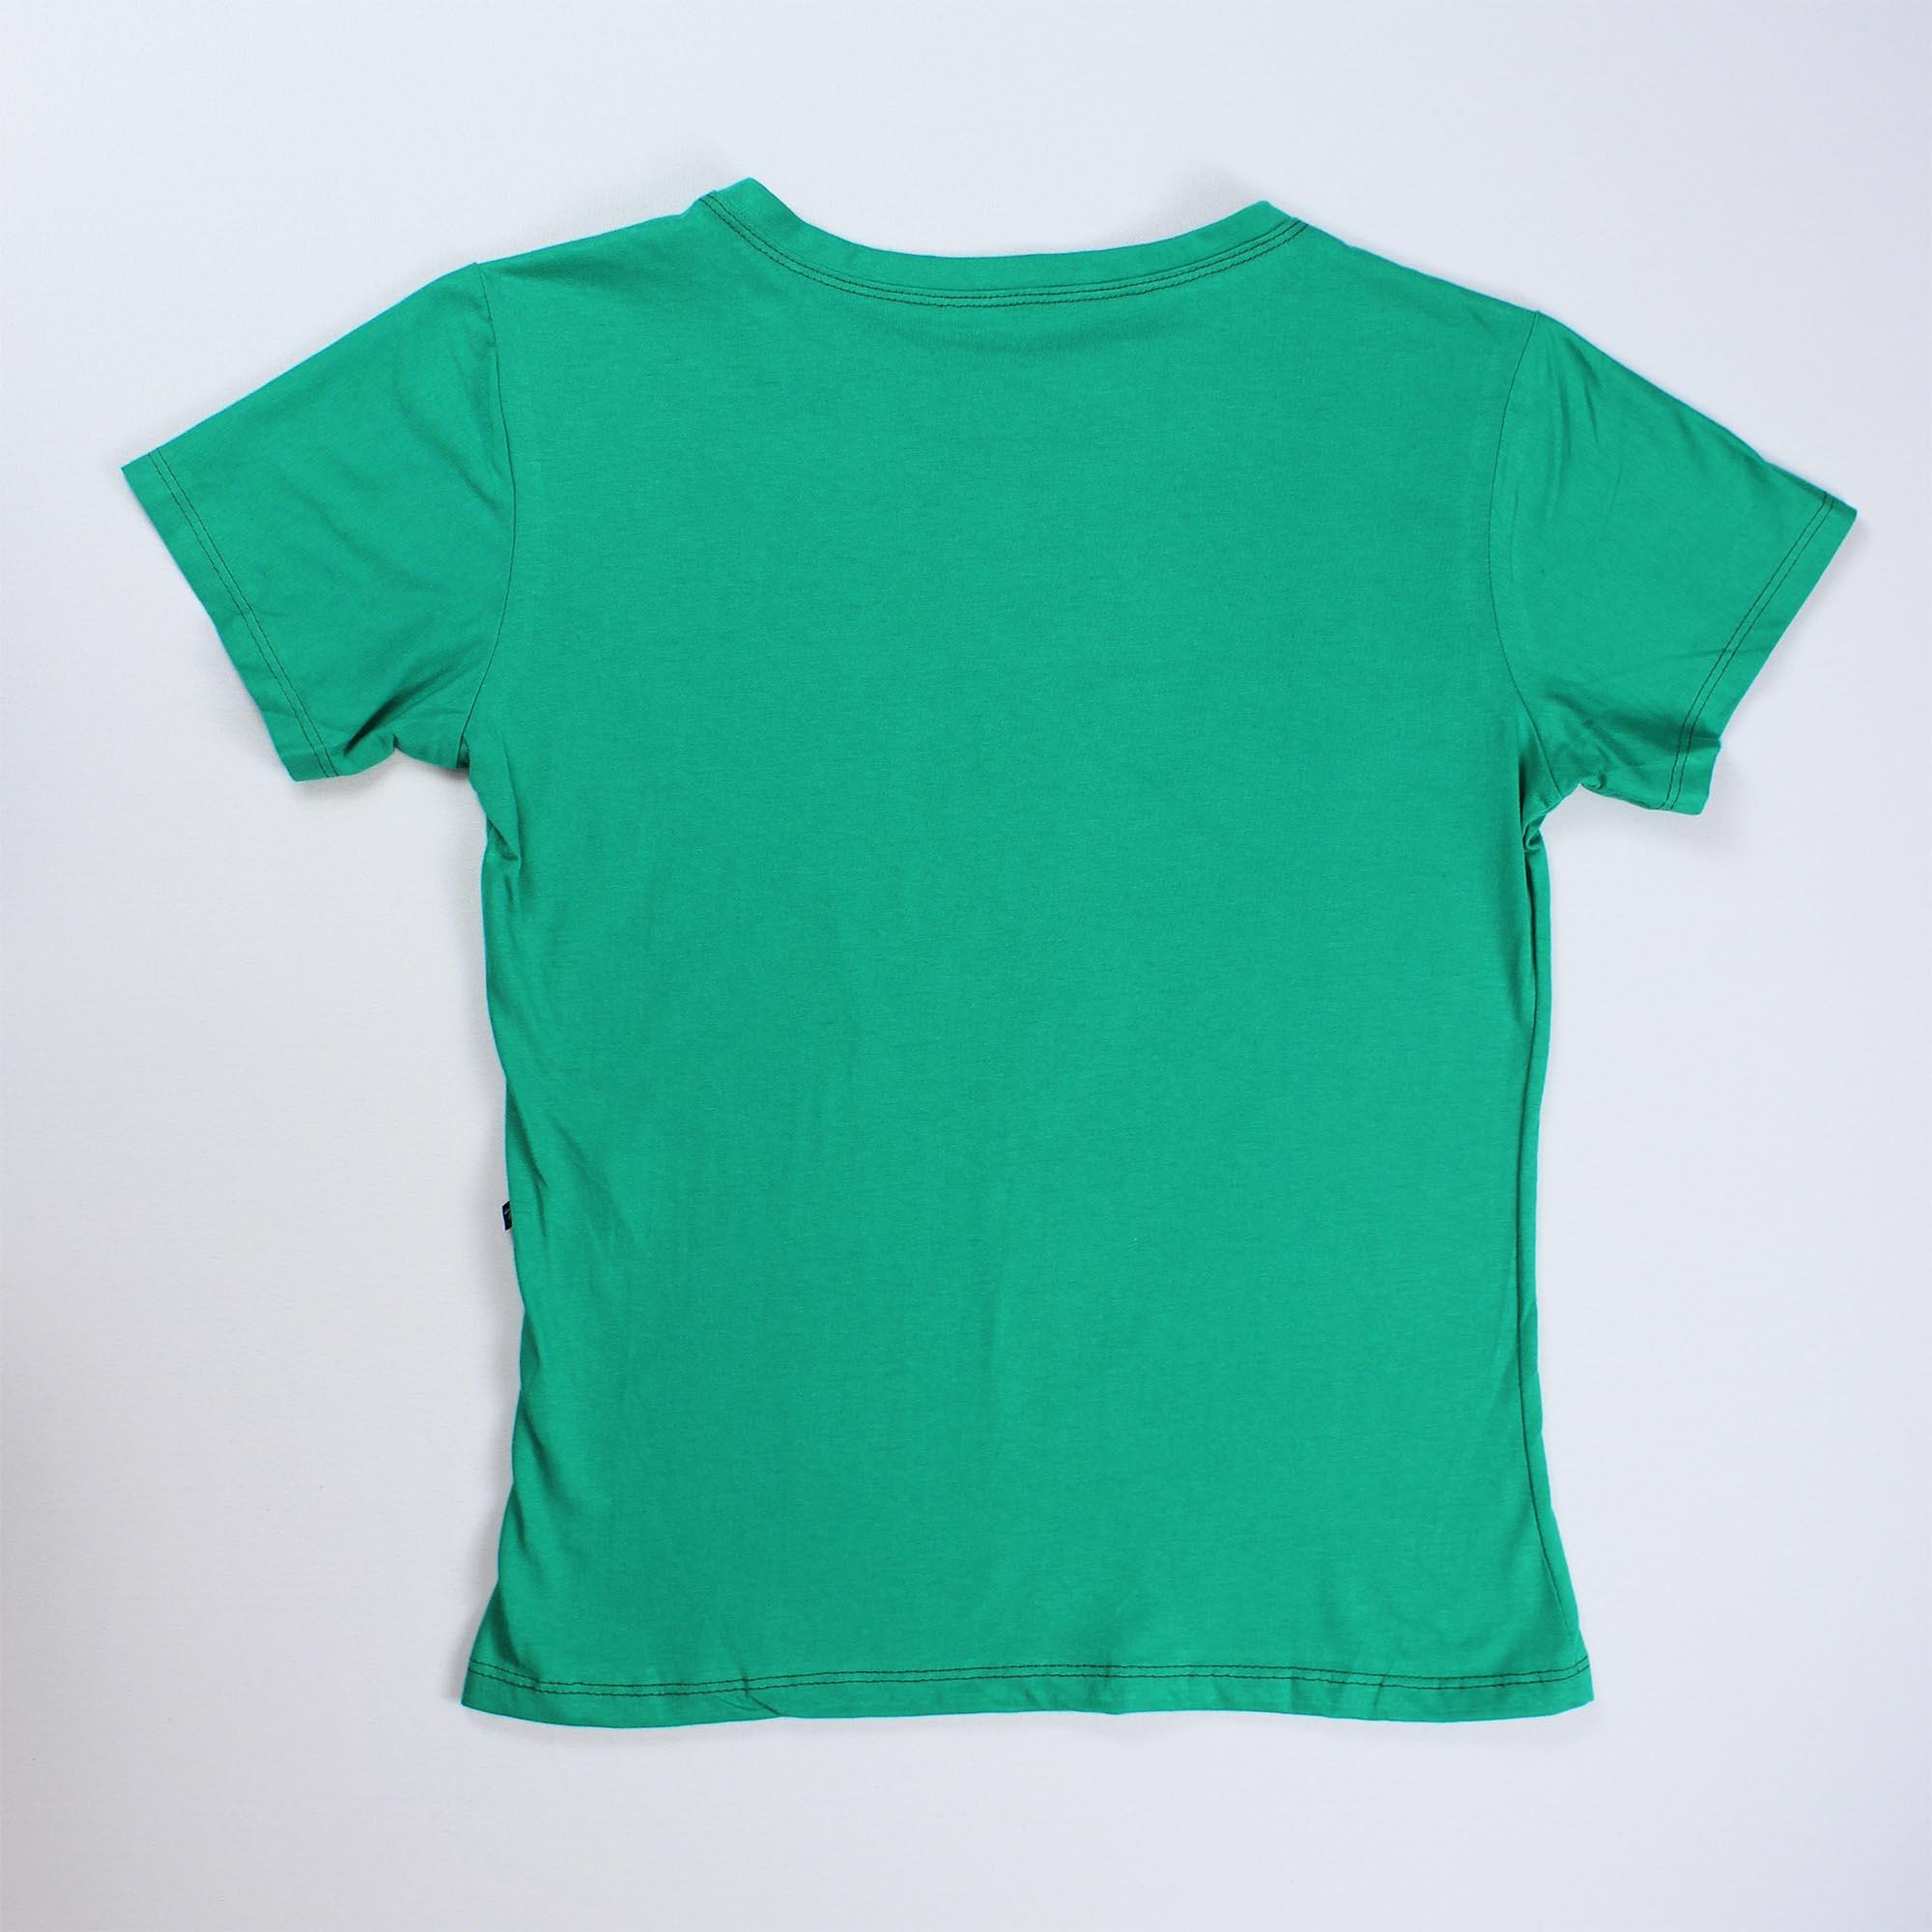 T-Shirt New York Feminina - Verde Água e Prateado